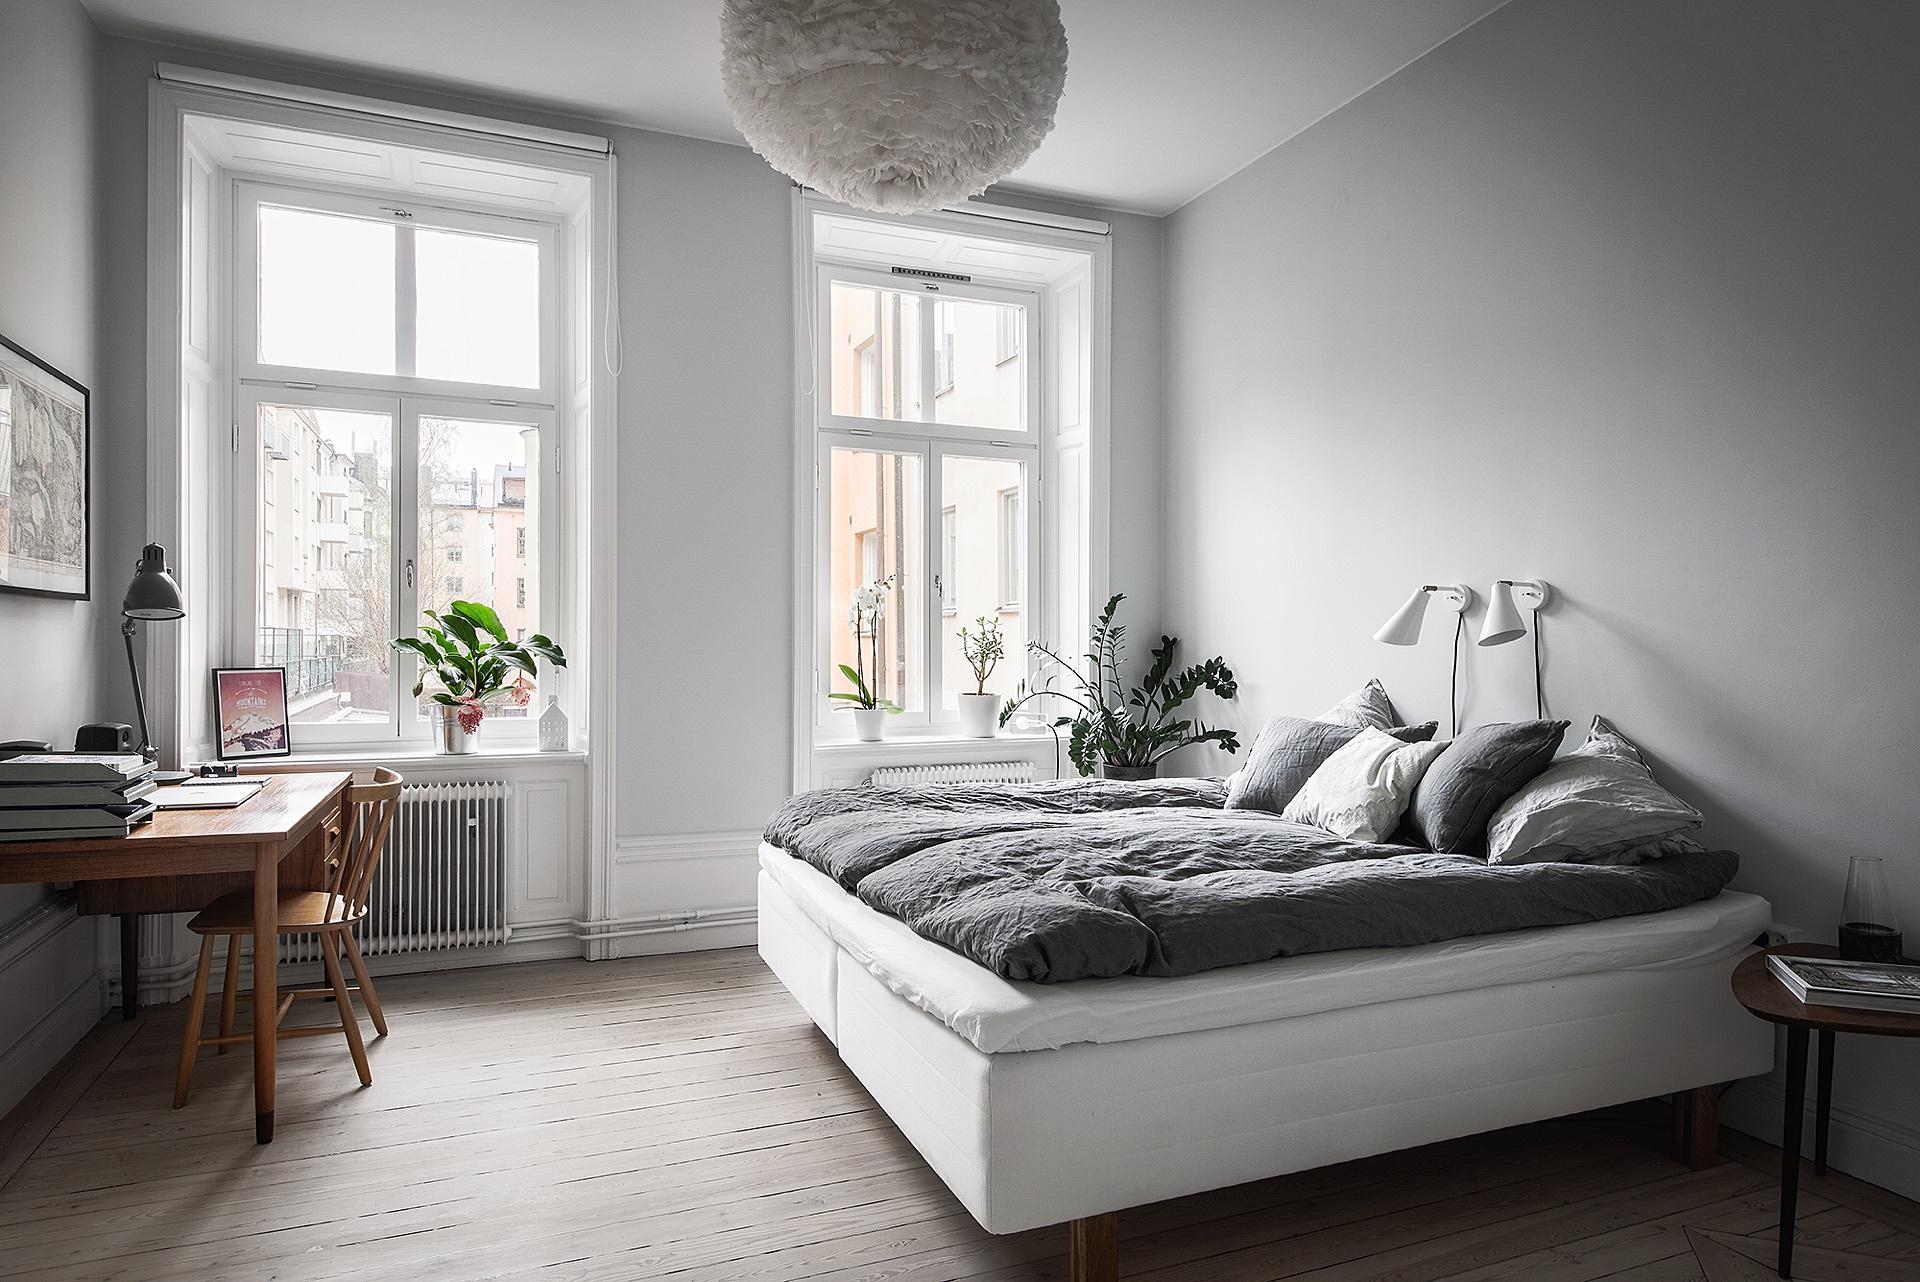 спальня кровать текстиль подушки прикроватные настенные светильники рабочее место стол